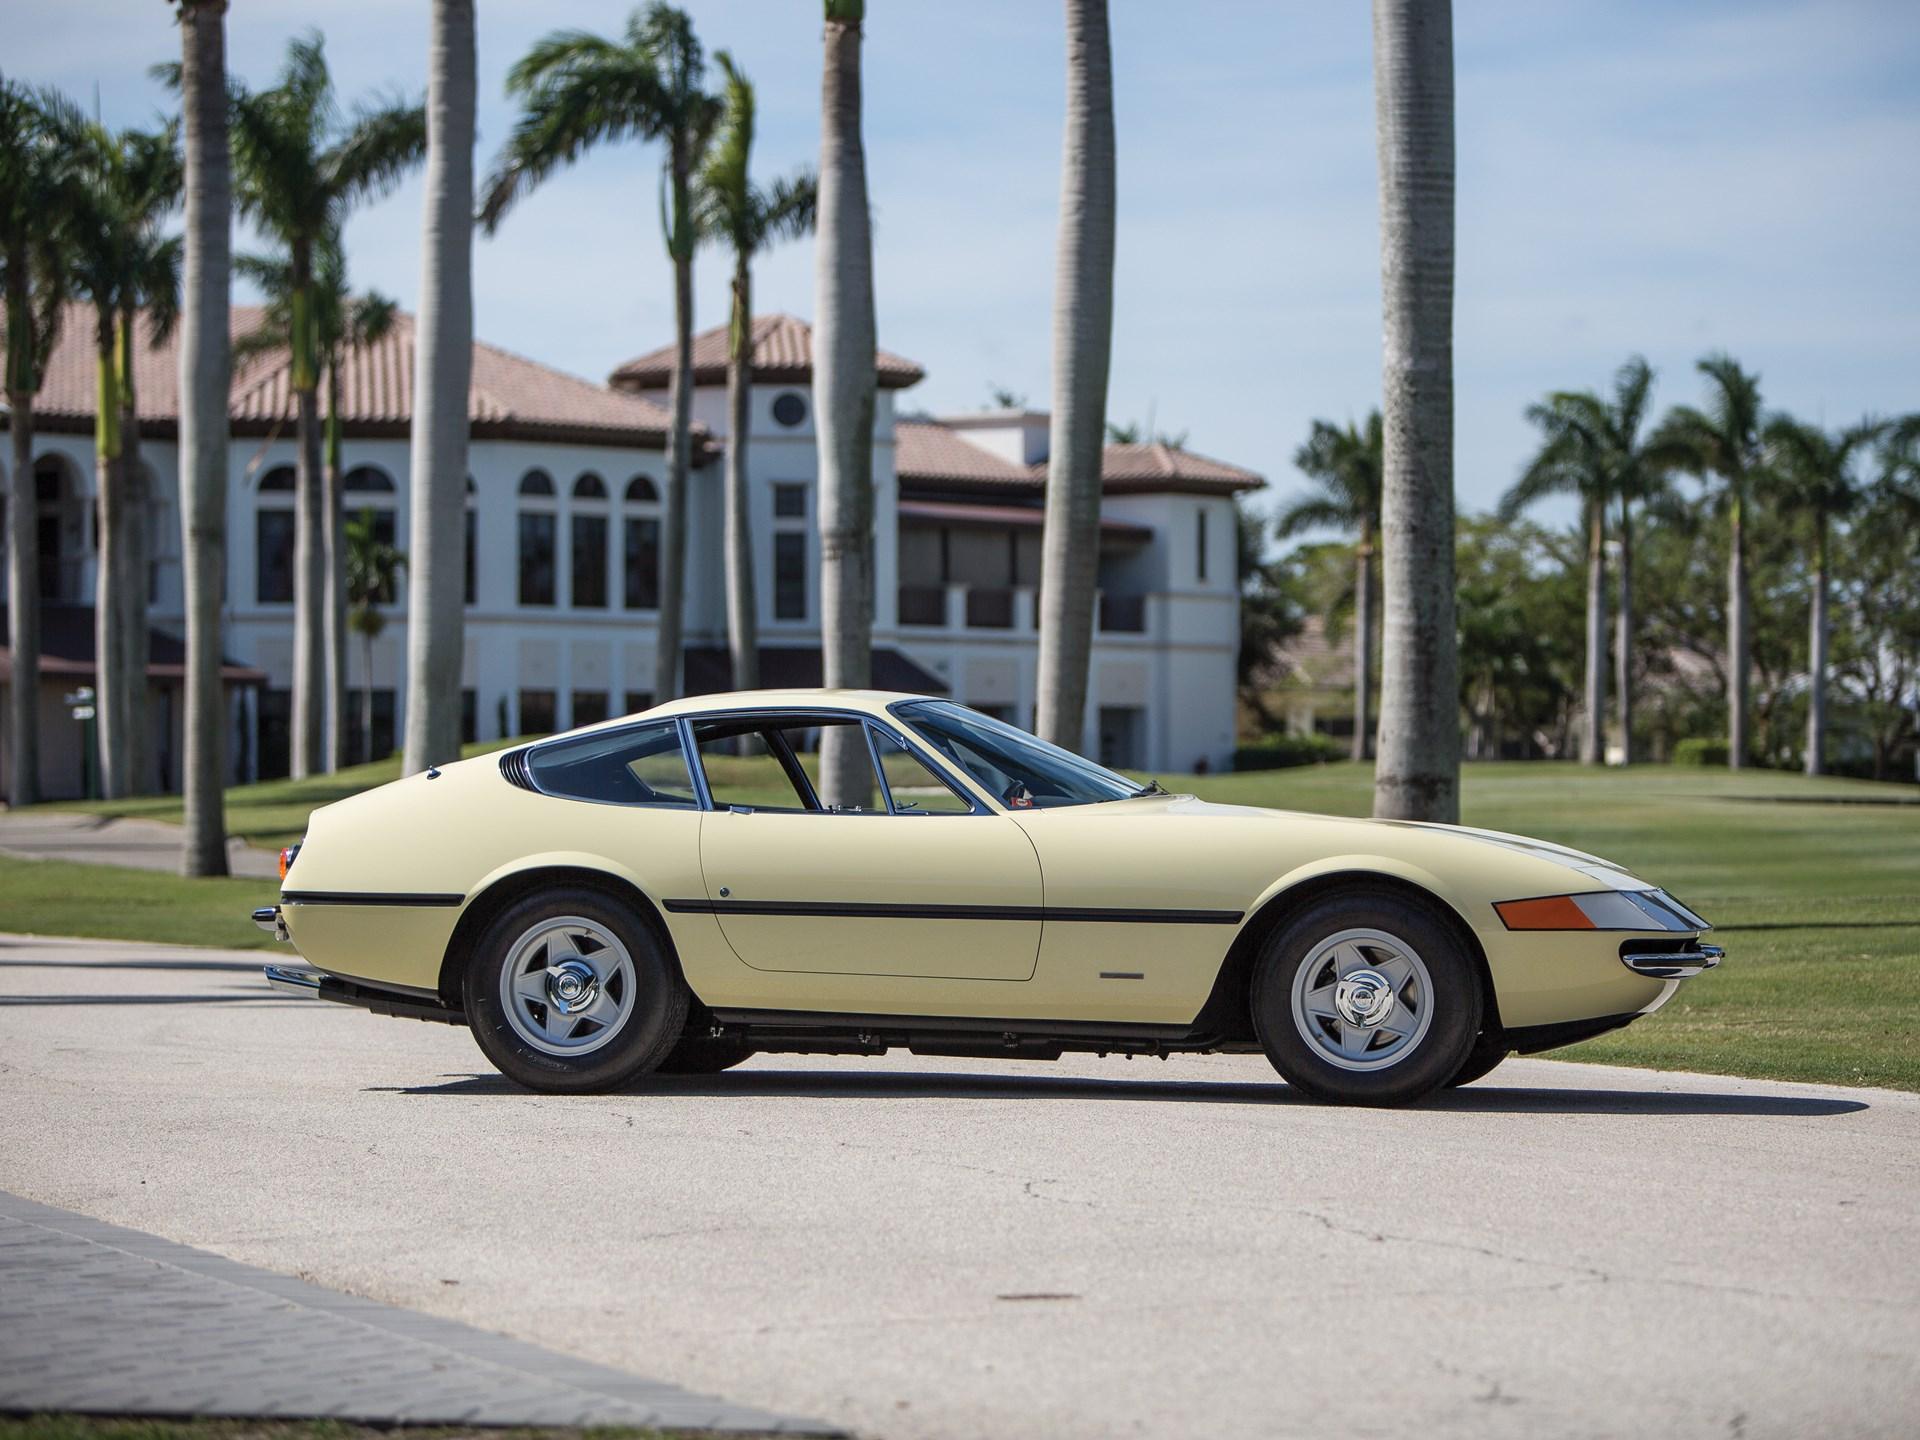 1969 Ferrari 365 GTB/4 Daytona Berlinetta by Scaglietti